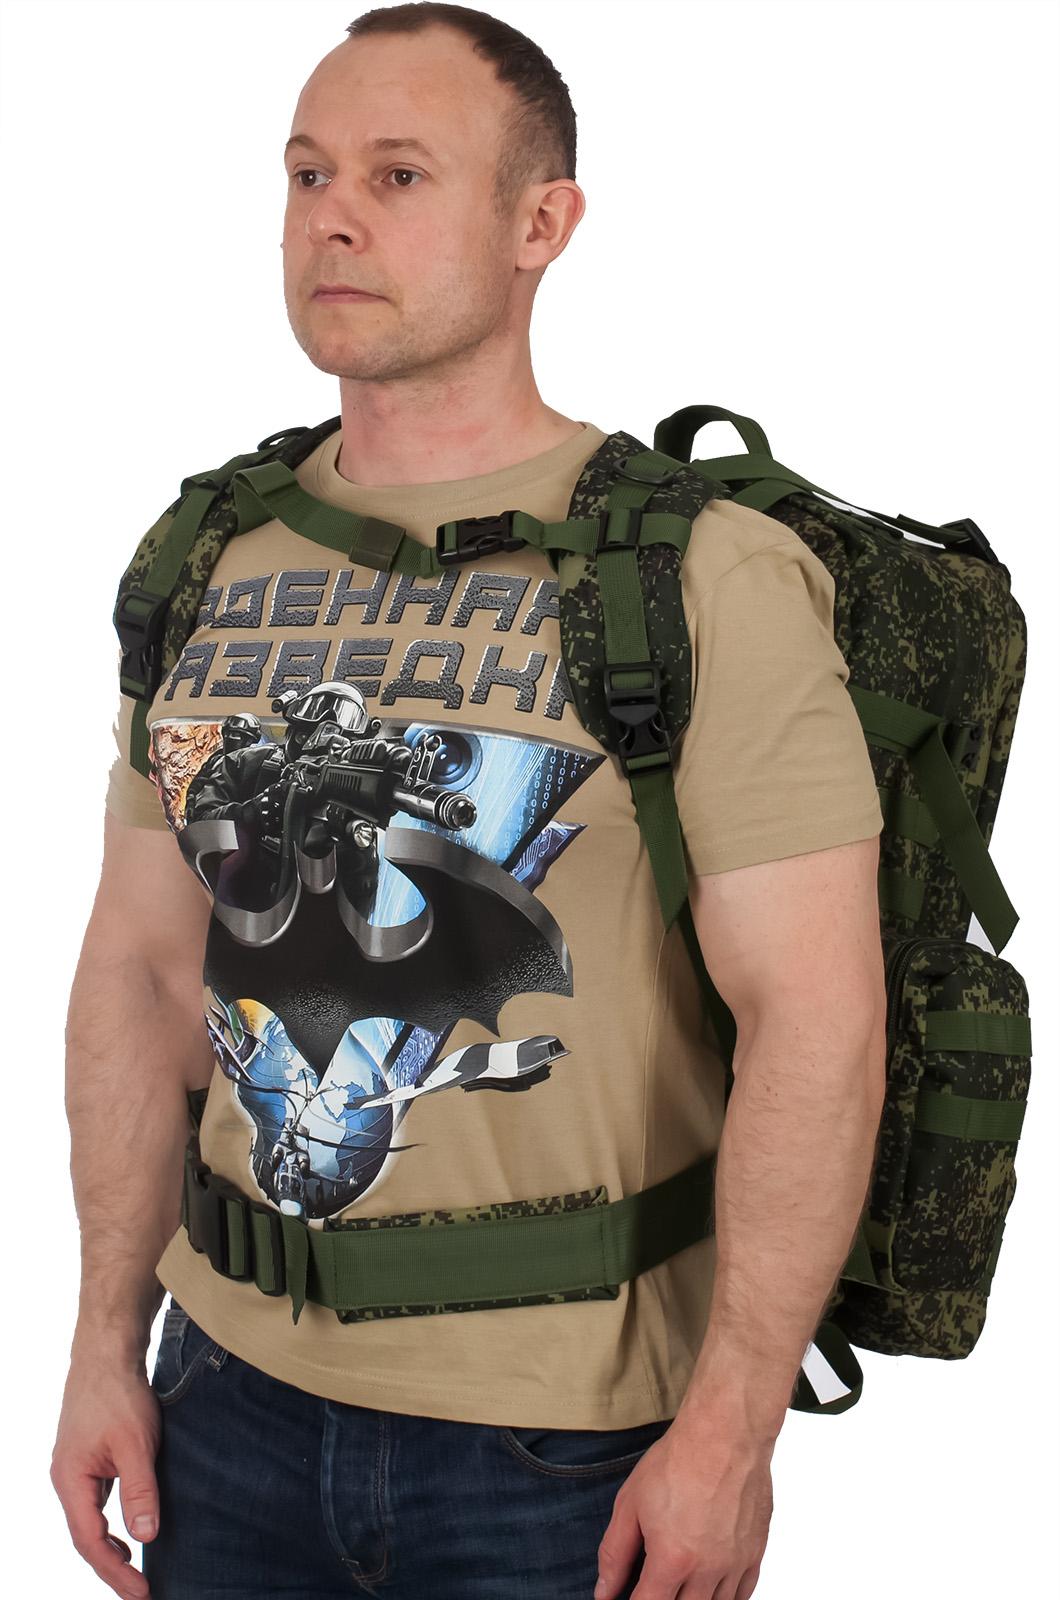 Многодневный армейский рюкзак с нашивкой ФСО - купить оптом